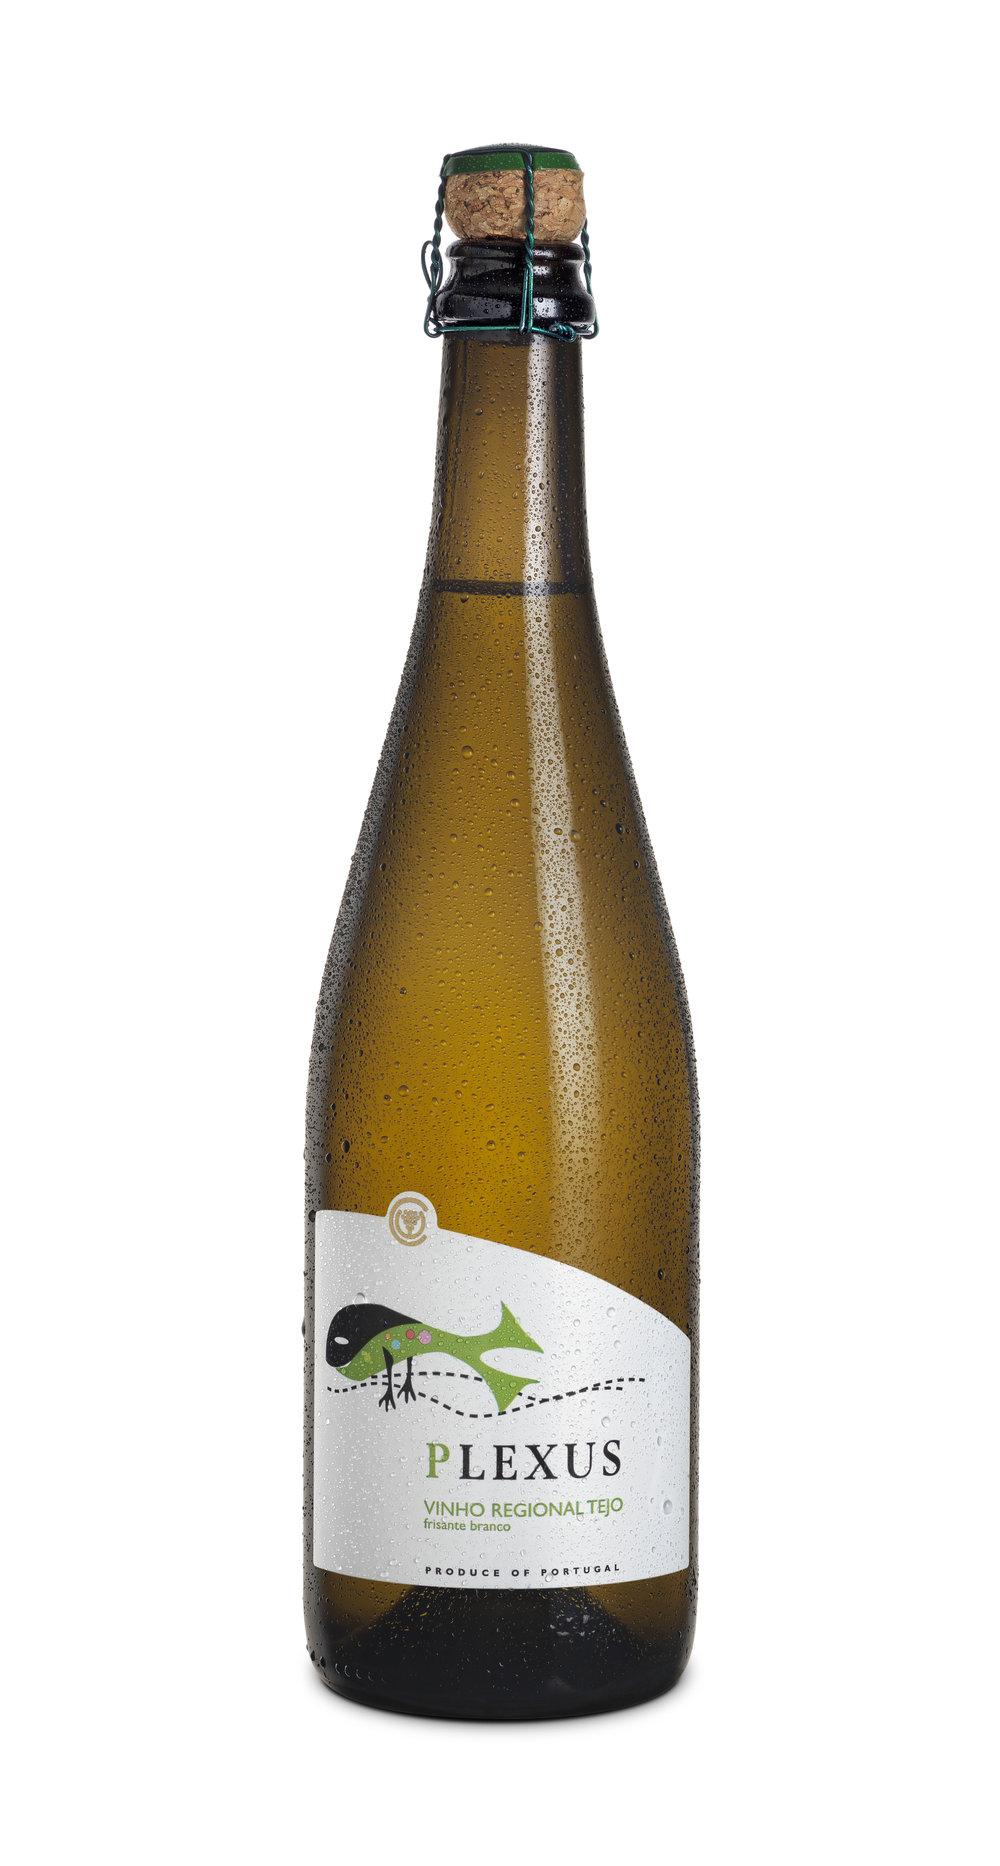 普勒科苏特茹河区加气起泡白葡萄酒